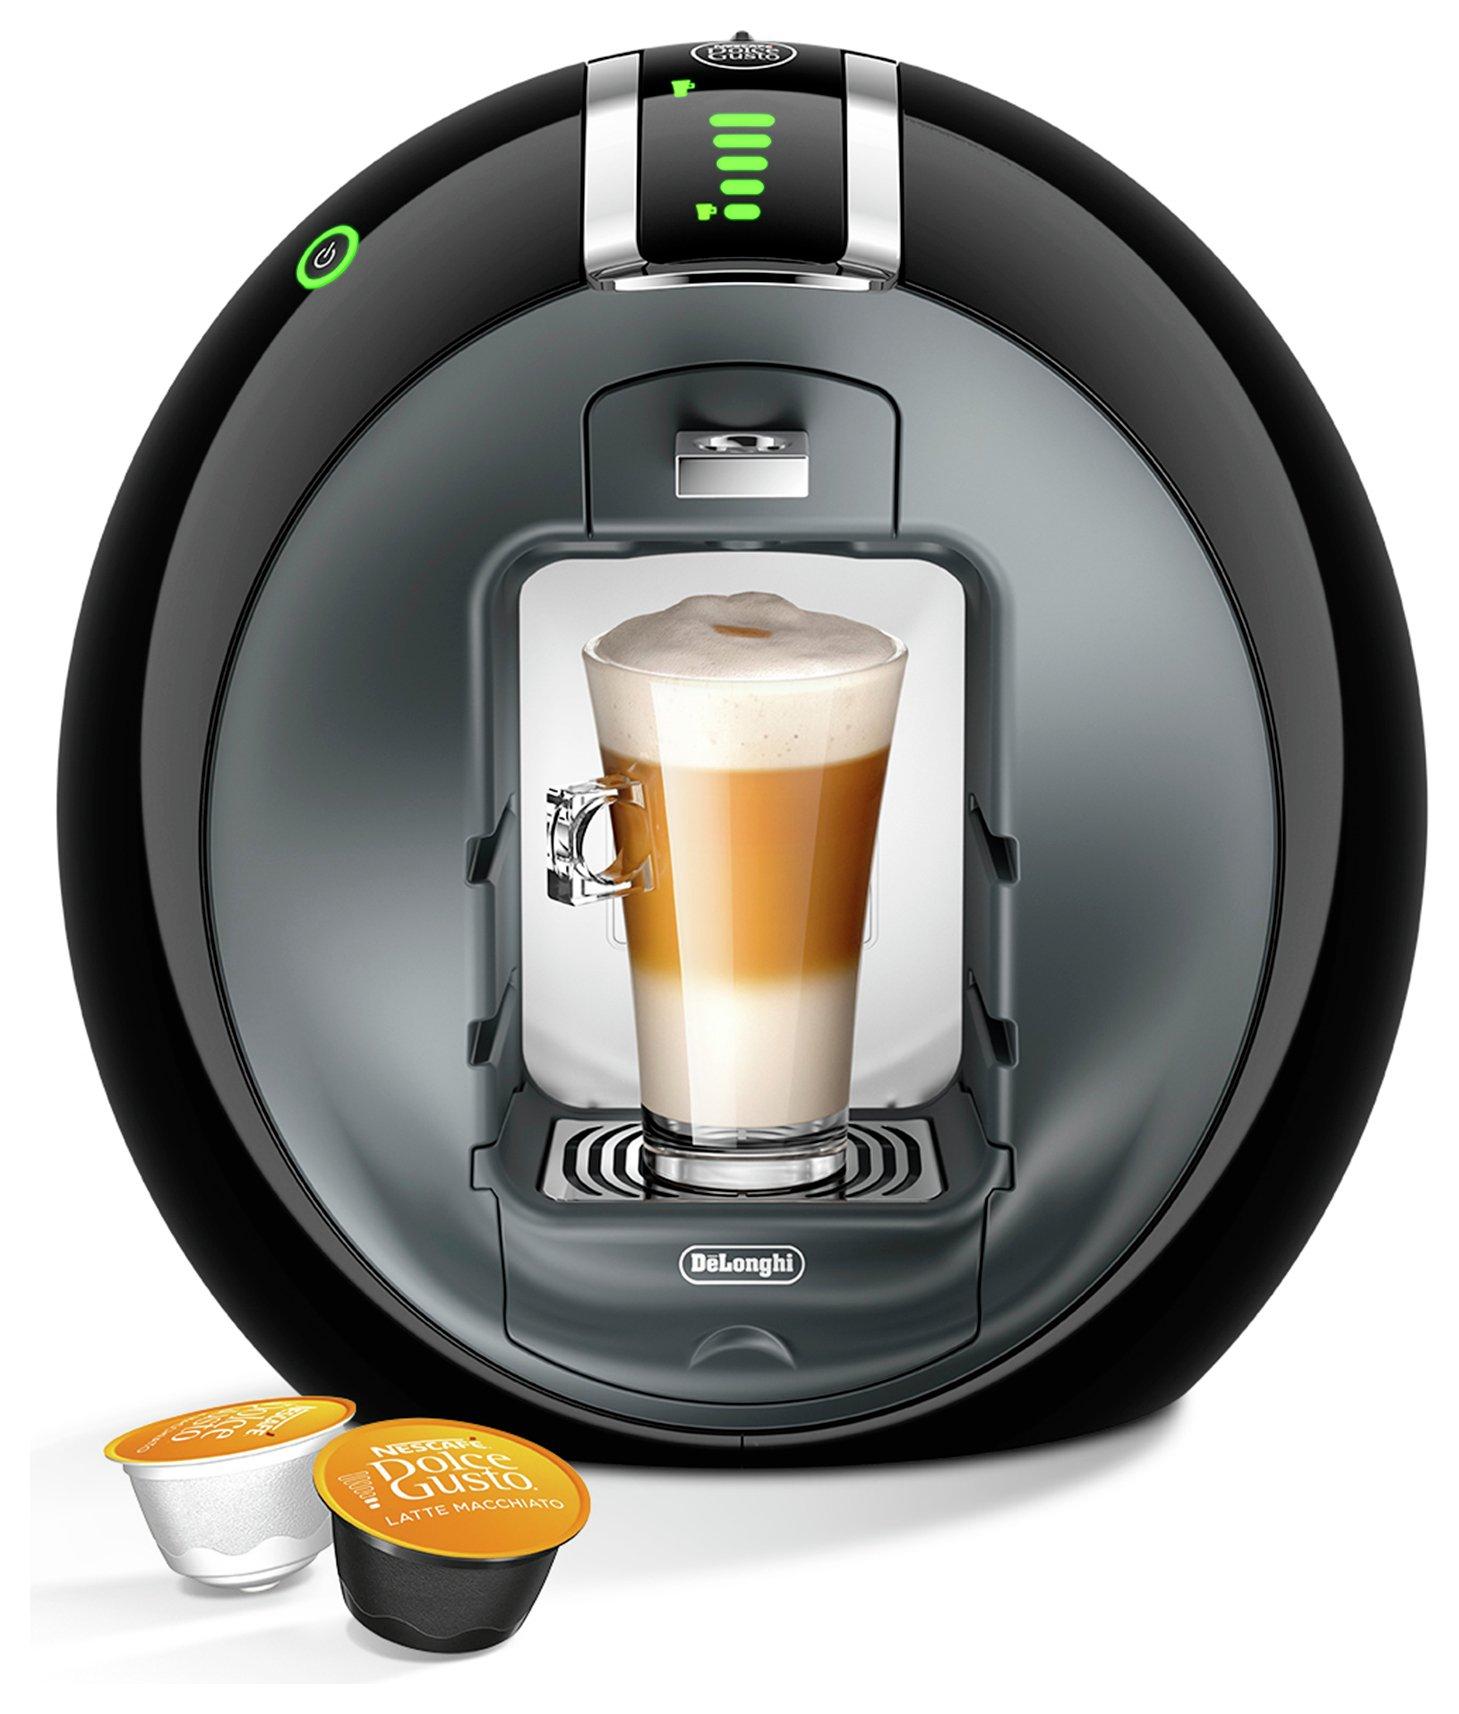 NESCAFE Dolce Gusto Circolo Automatic Coffee Machine.